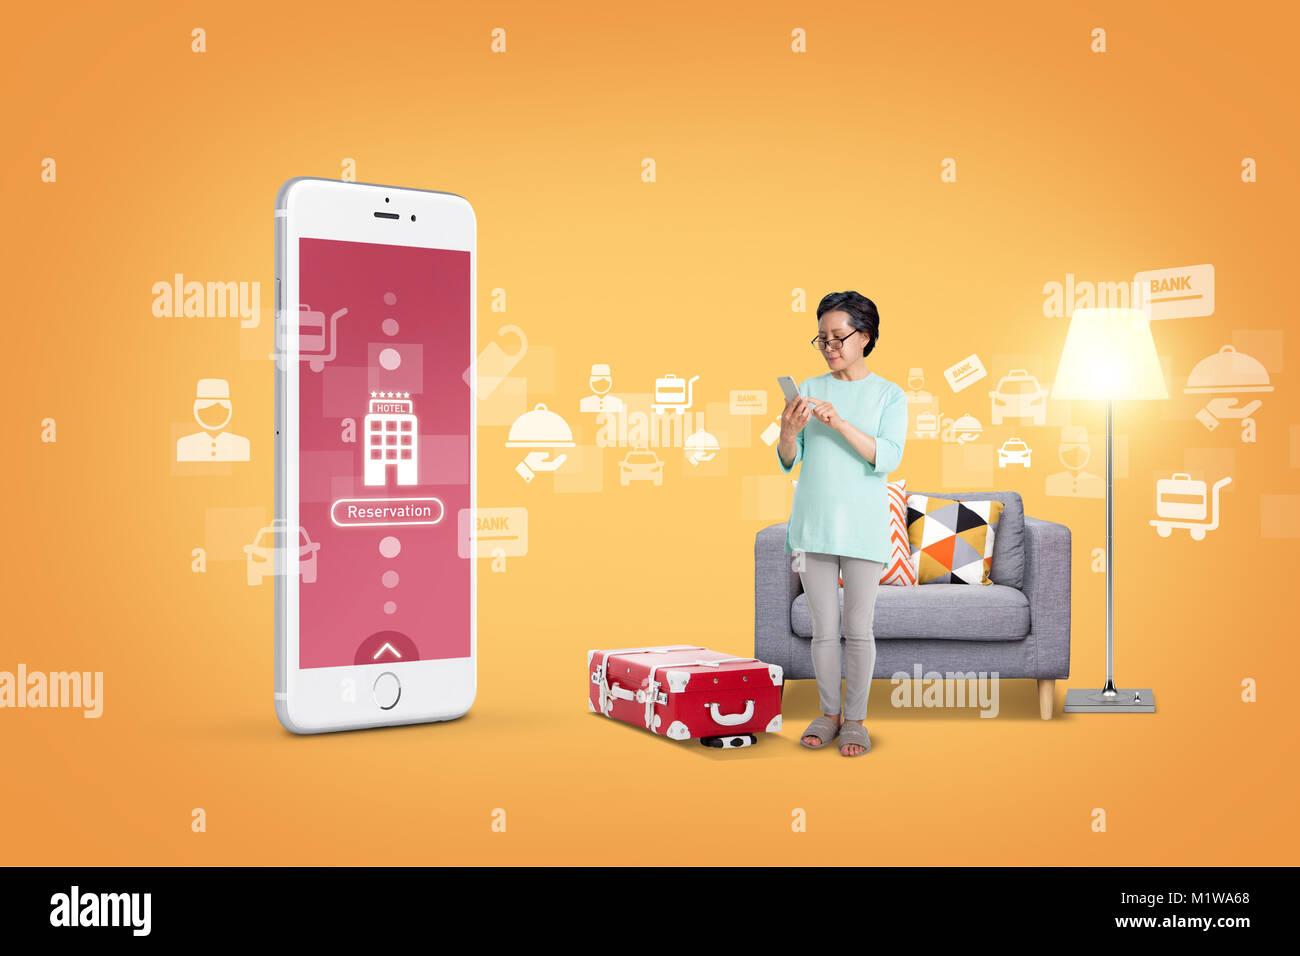 Abbildung - mobile Technologie, eng beziehen sich auf das alltägliche Leben. 005 Stockbild